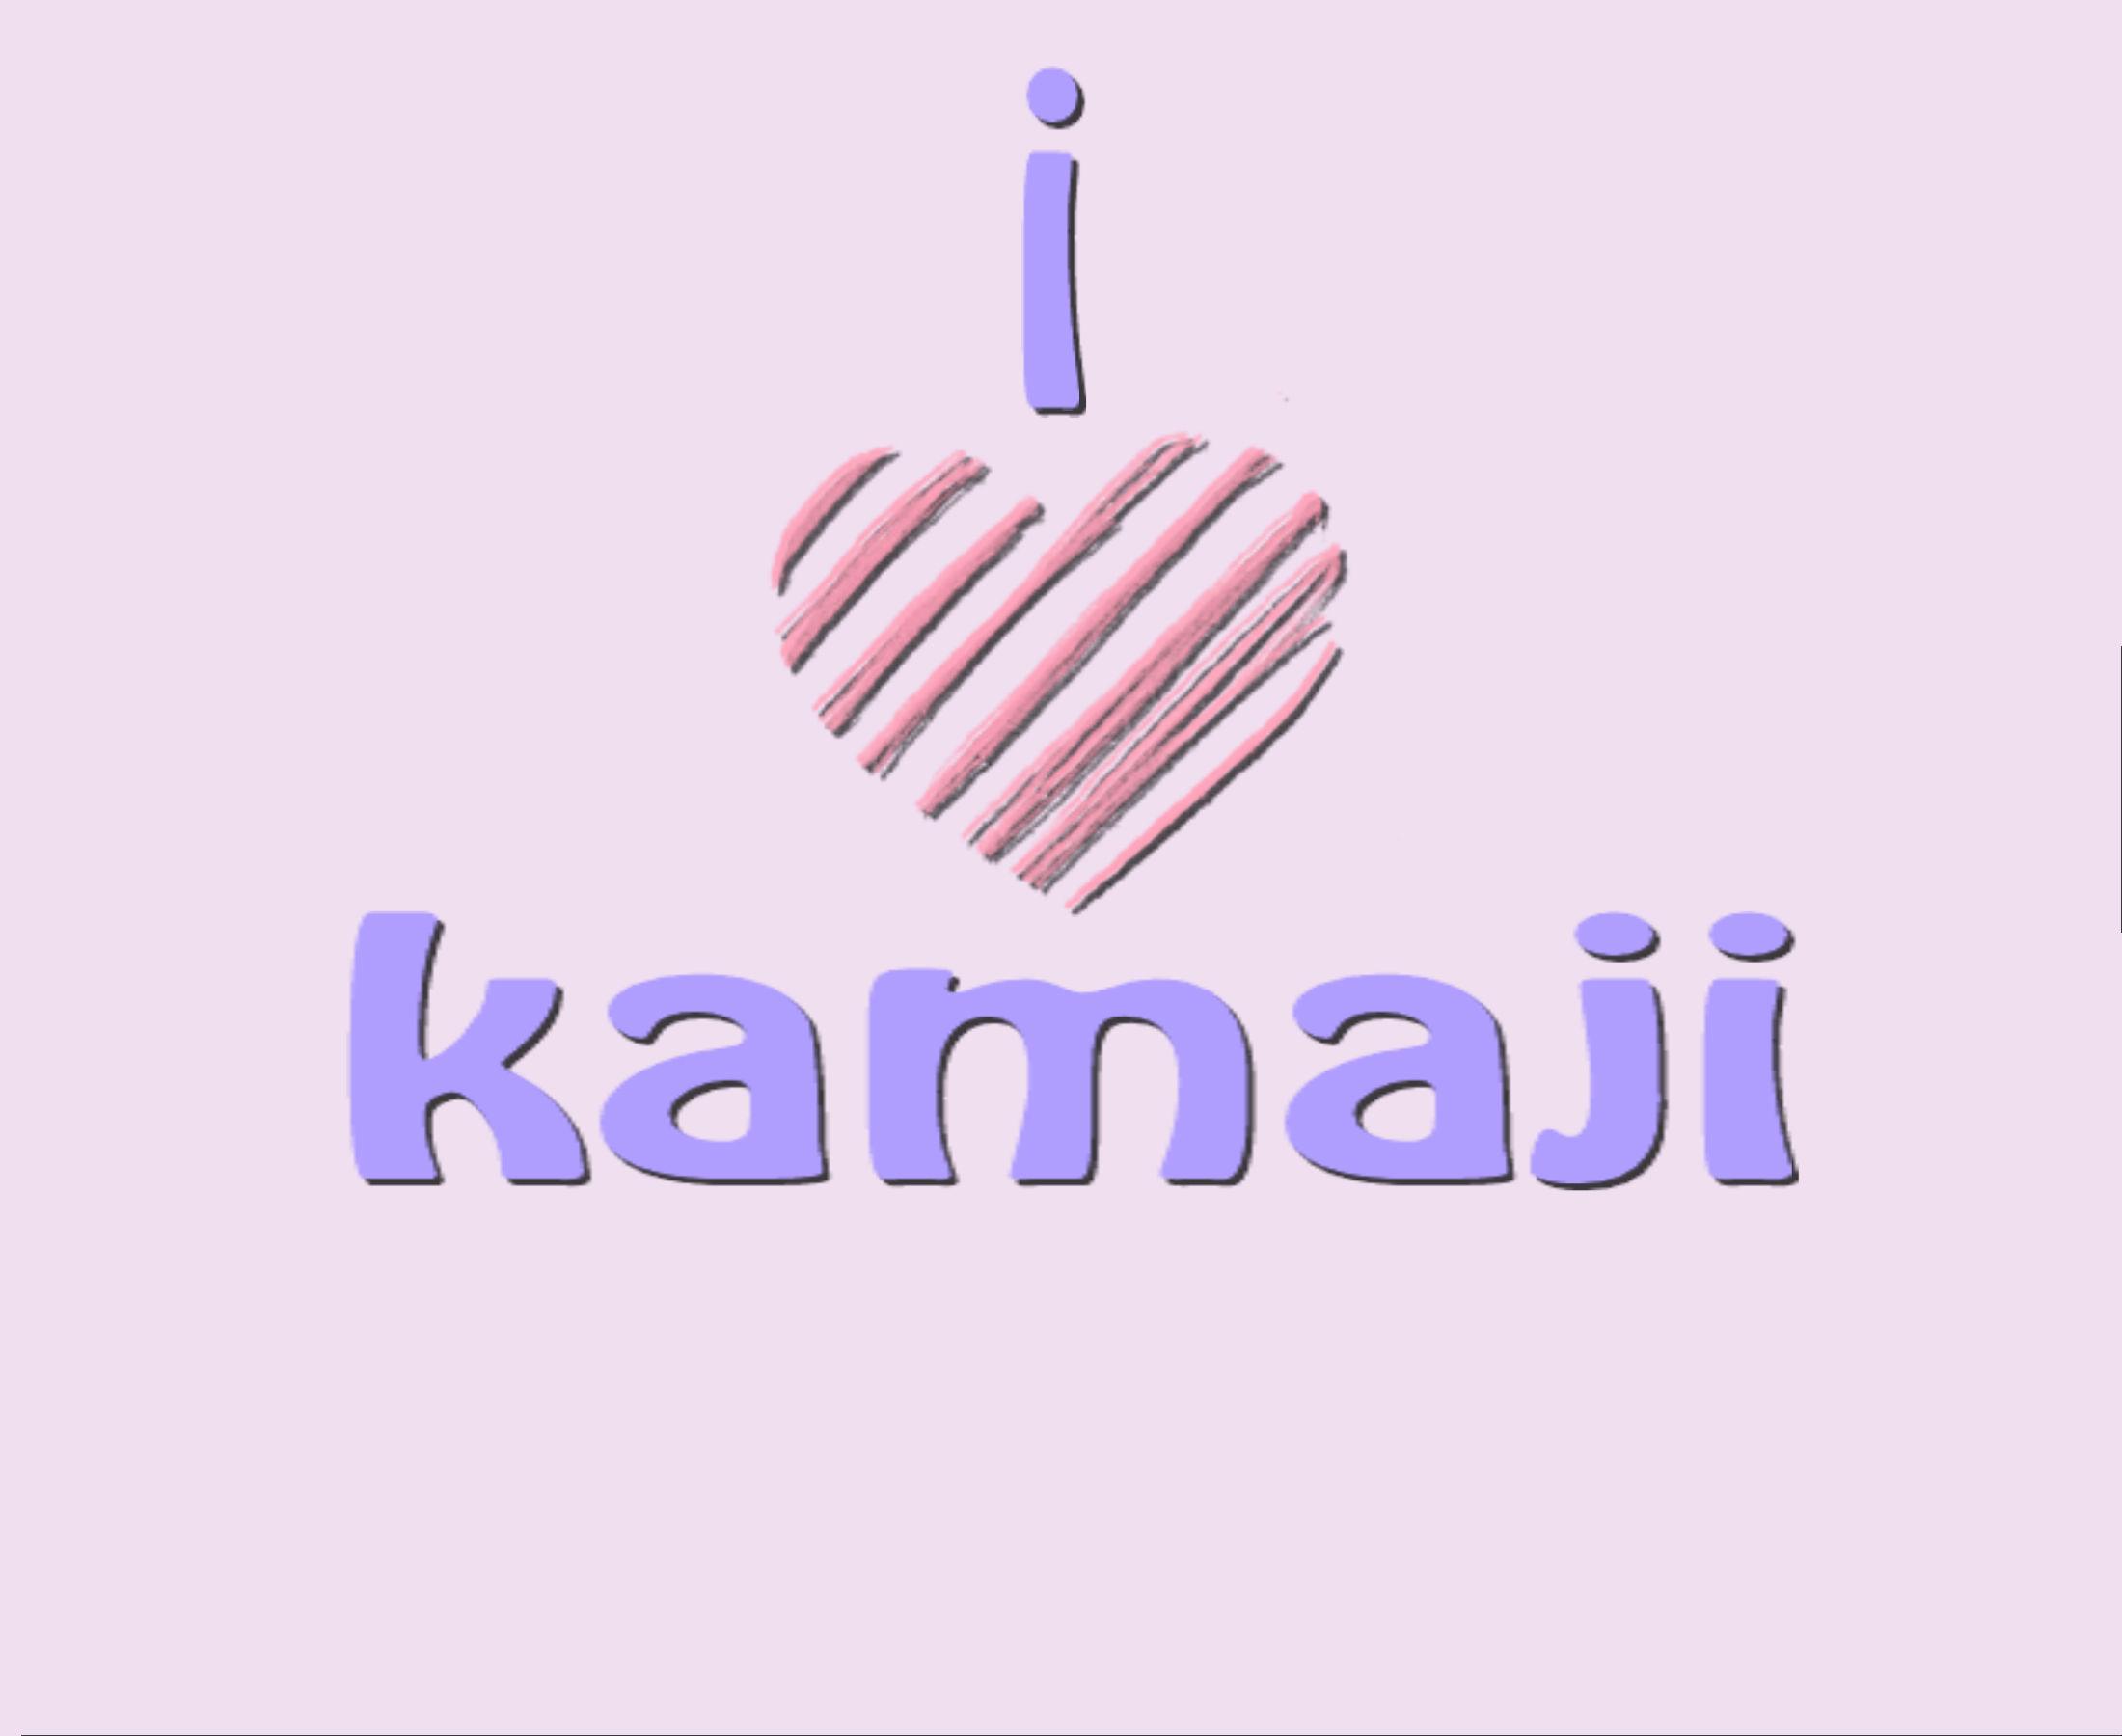 I HEART KAMAJI